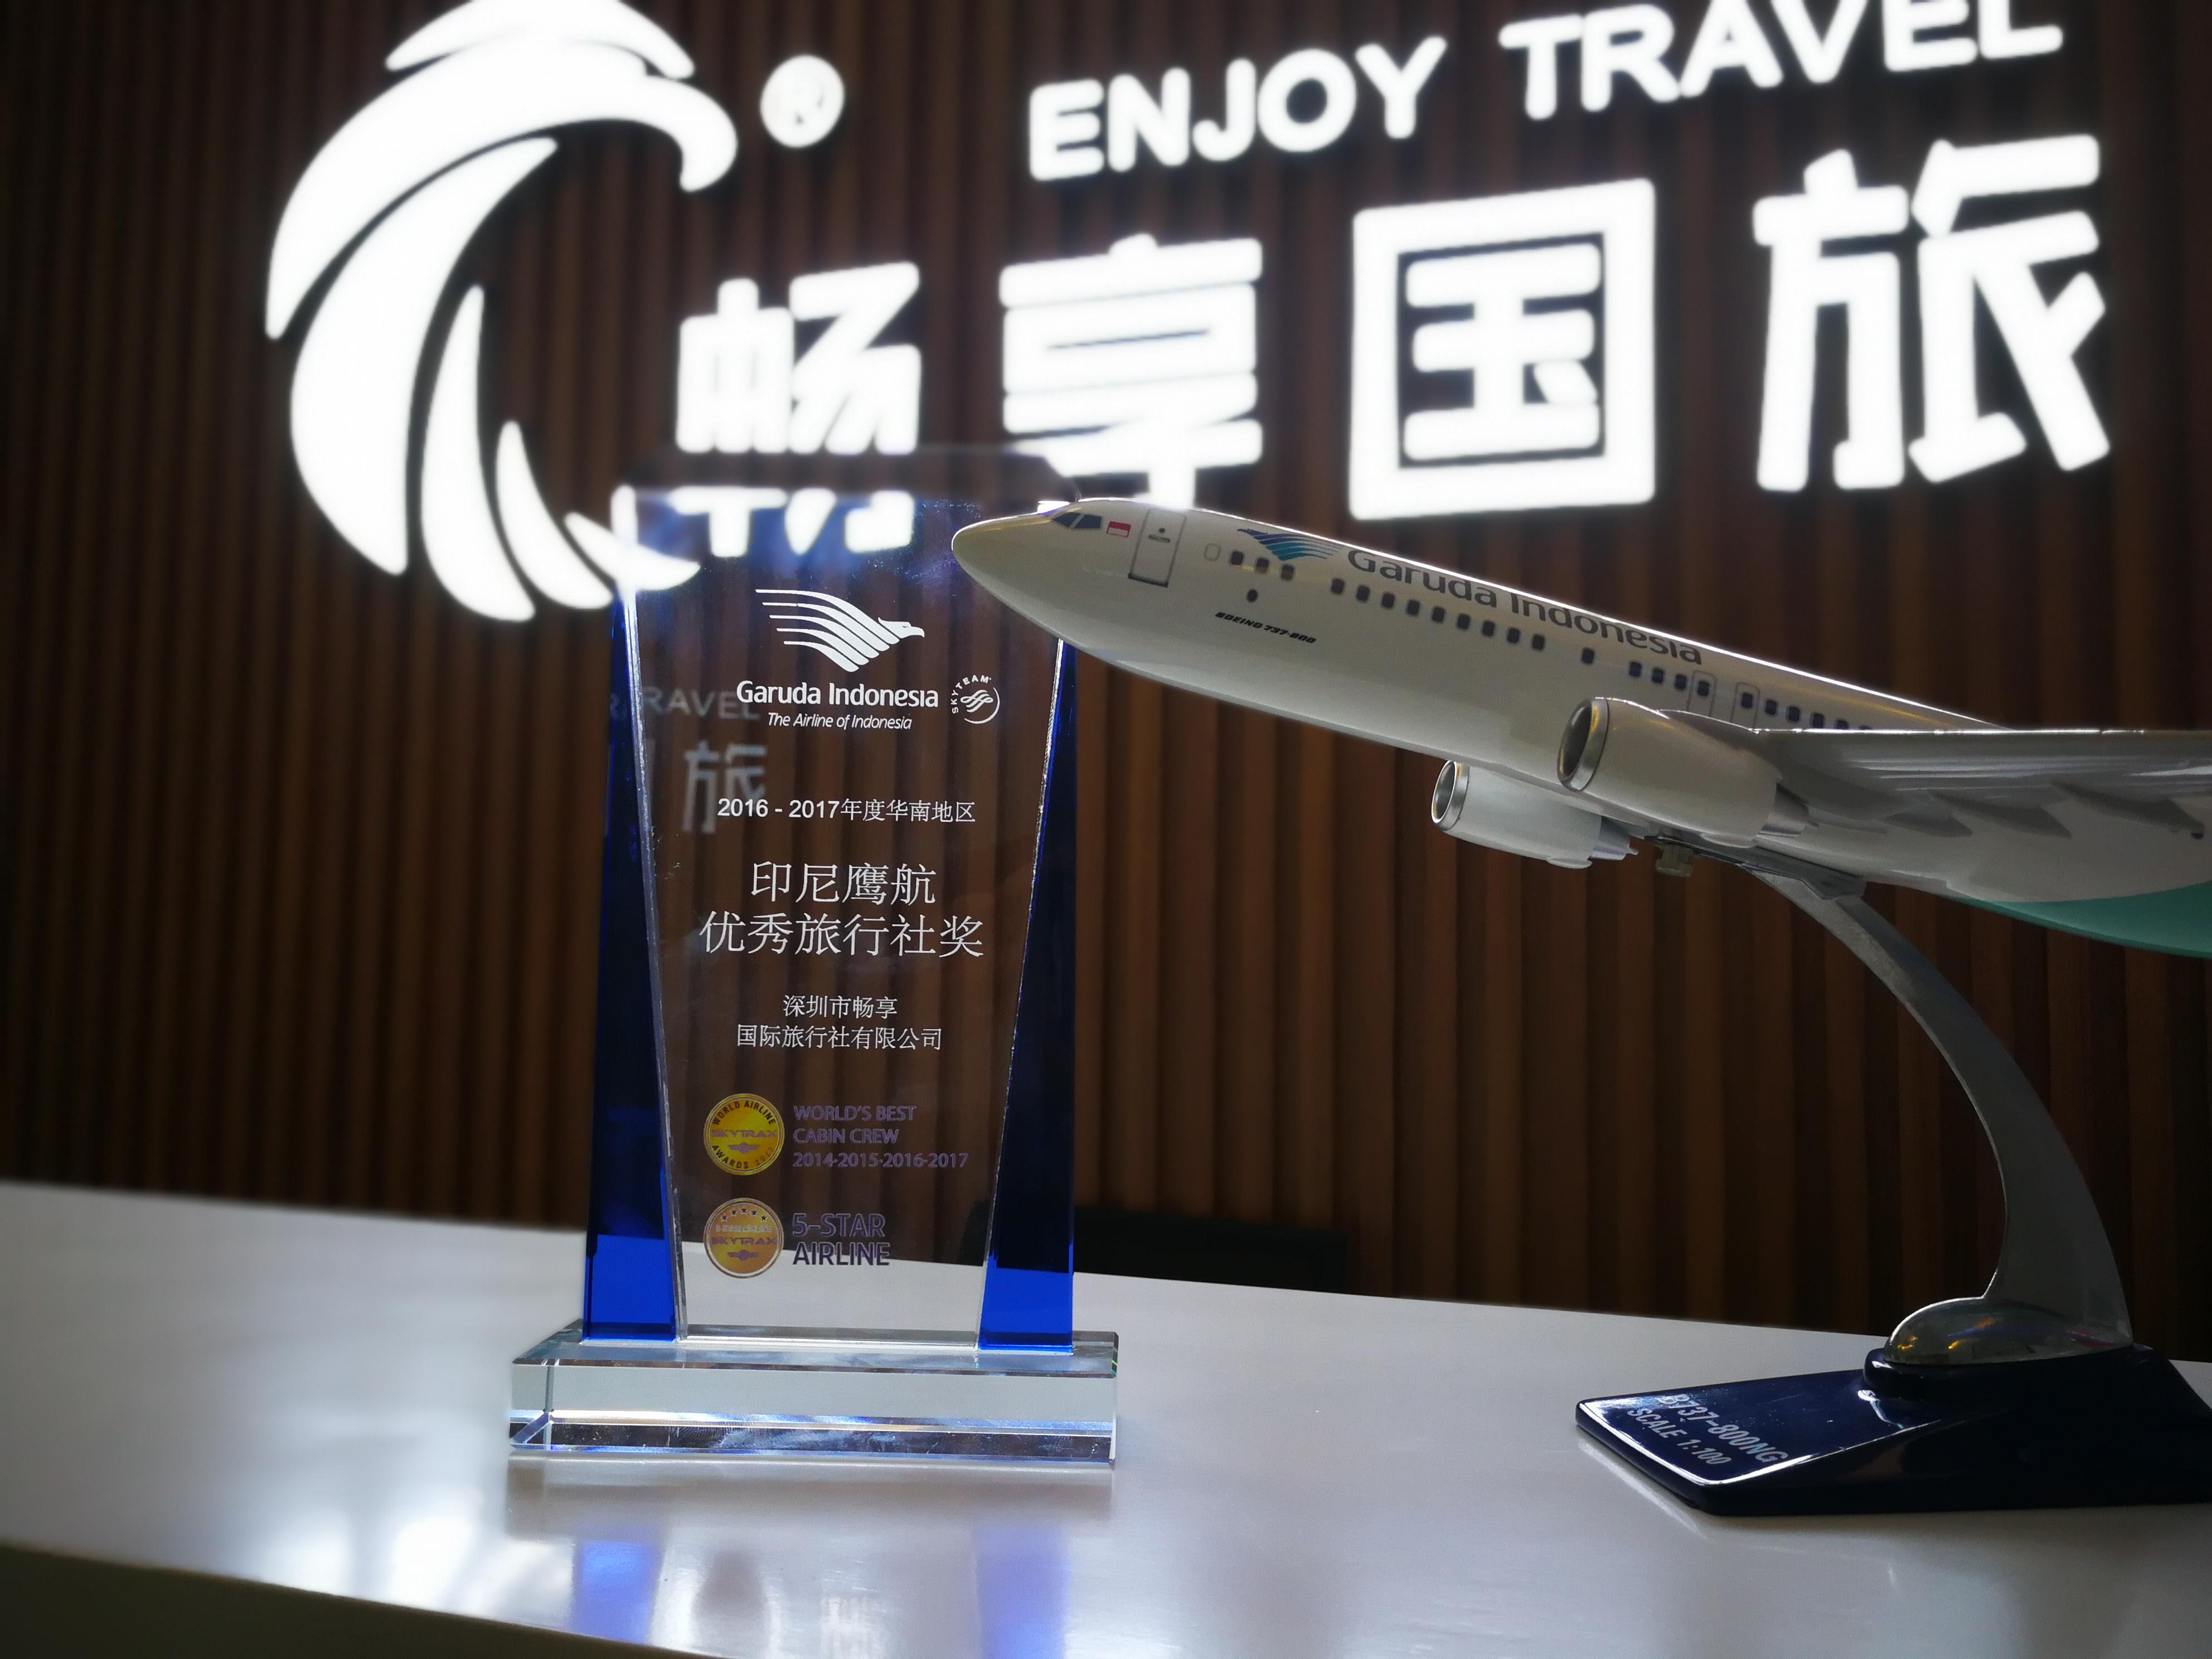 2014-2017蝉联全球十佳最佳空乘奖